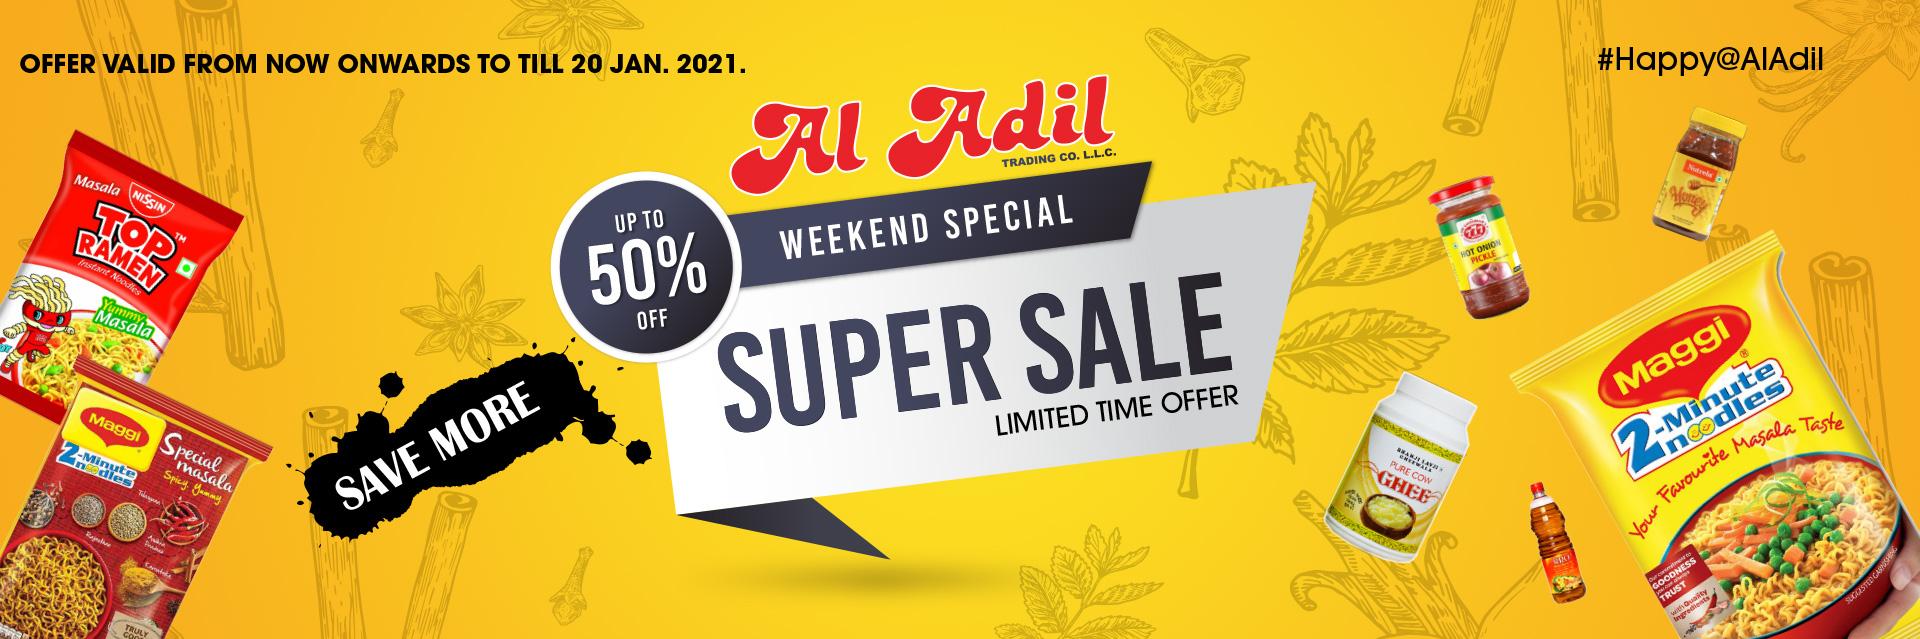 Weekend offer web banner